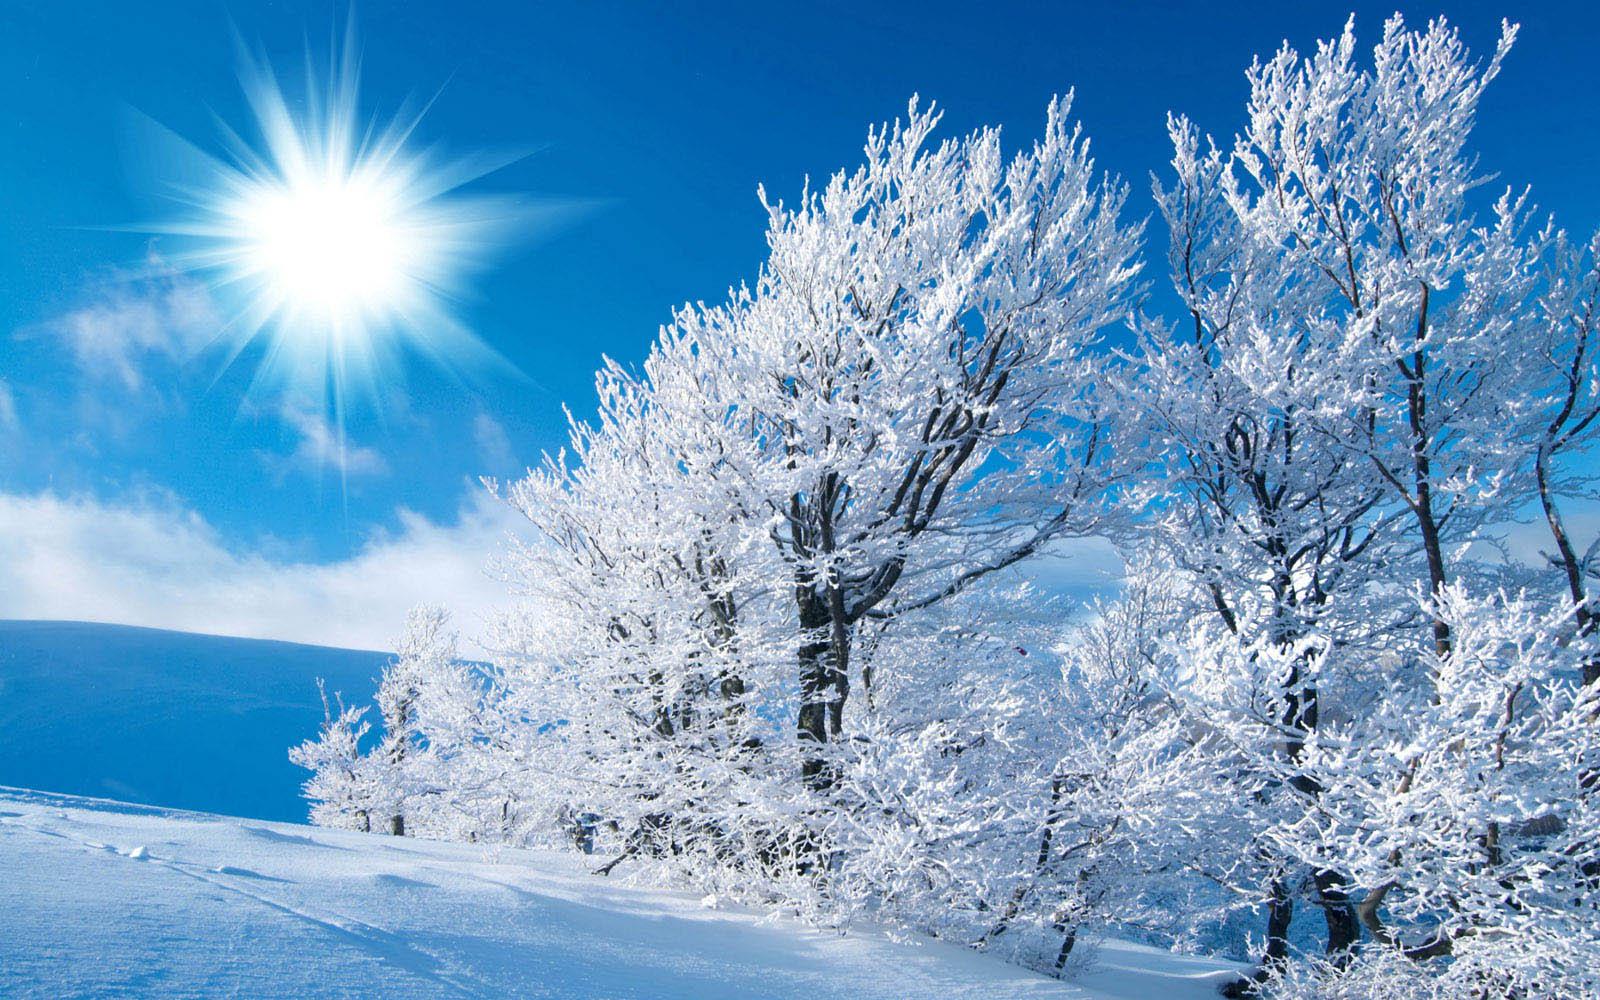 طرق حماية الشعر في فصل الشتاء